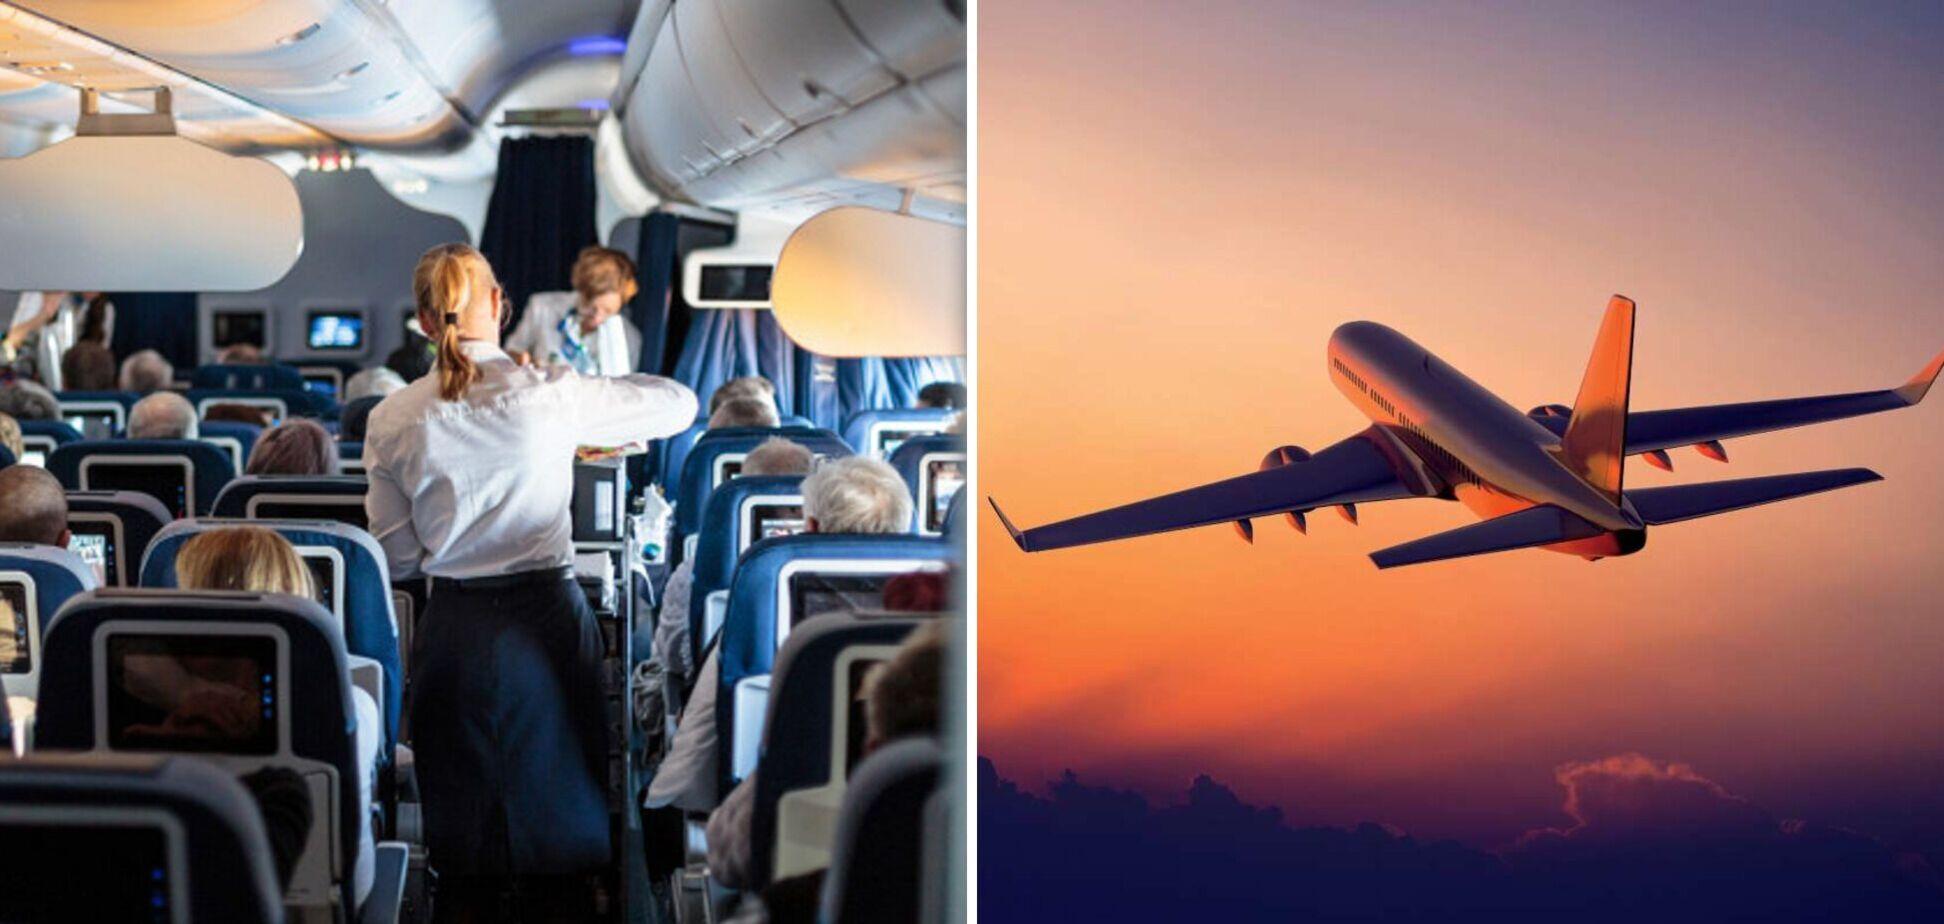 На борту самолета действуют особые правила поведения